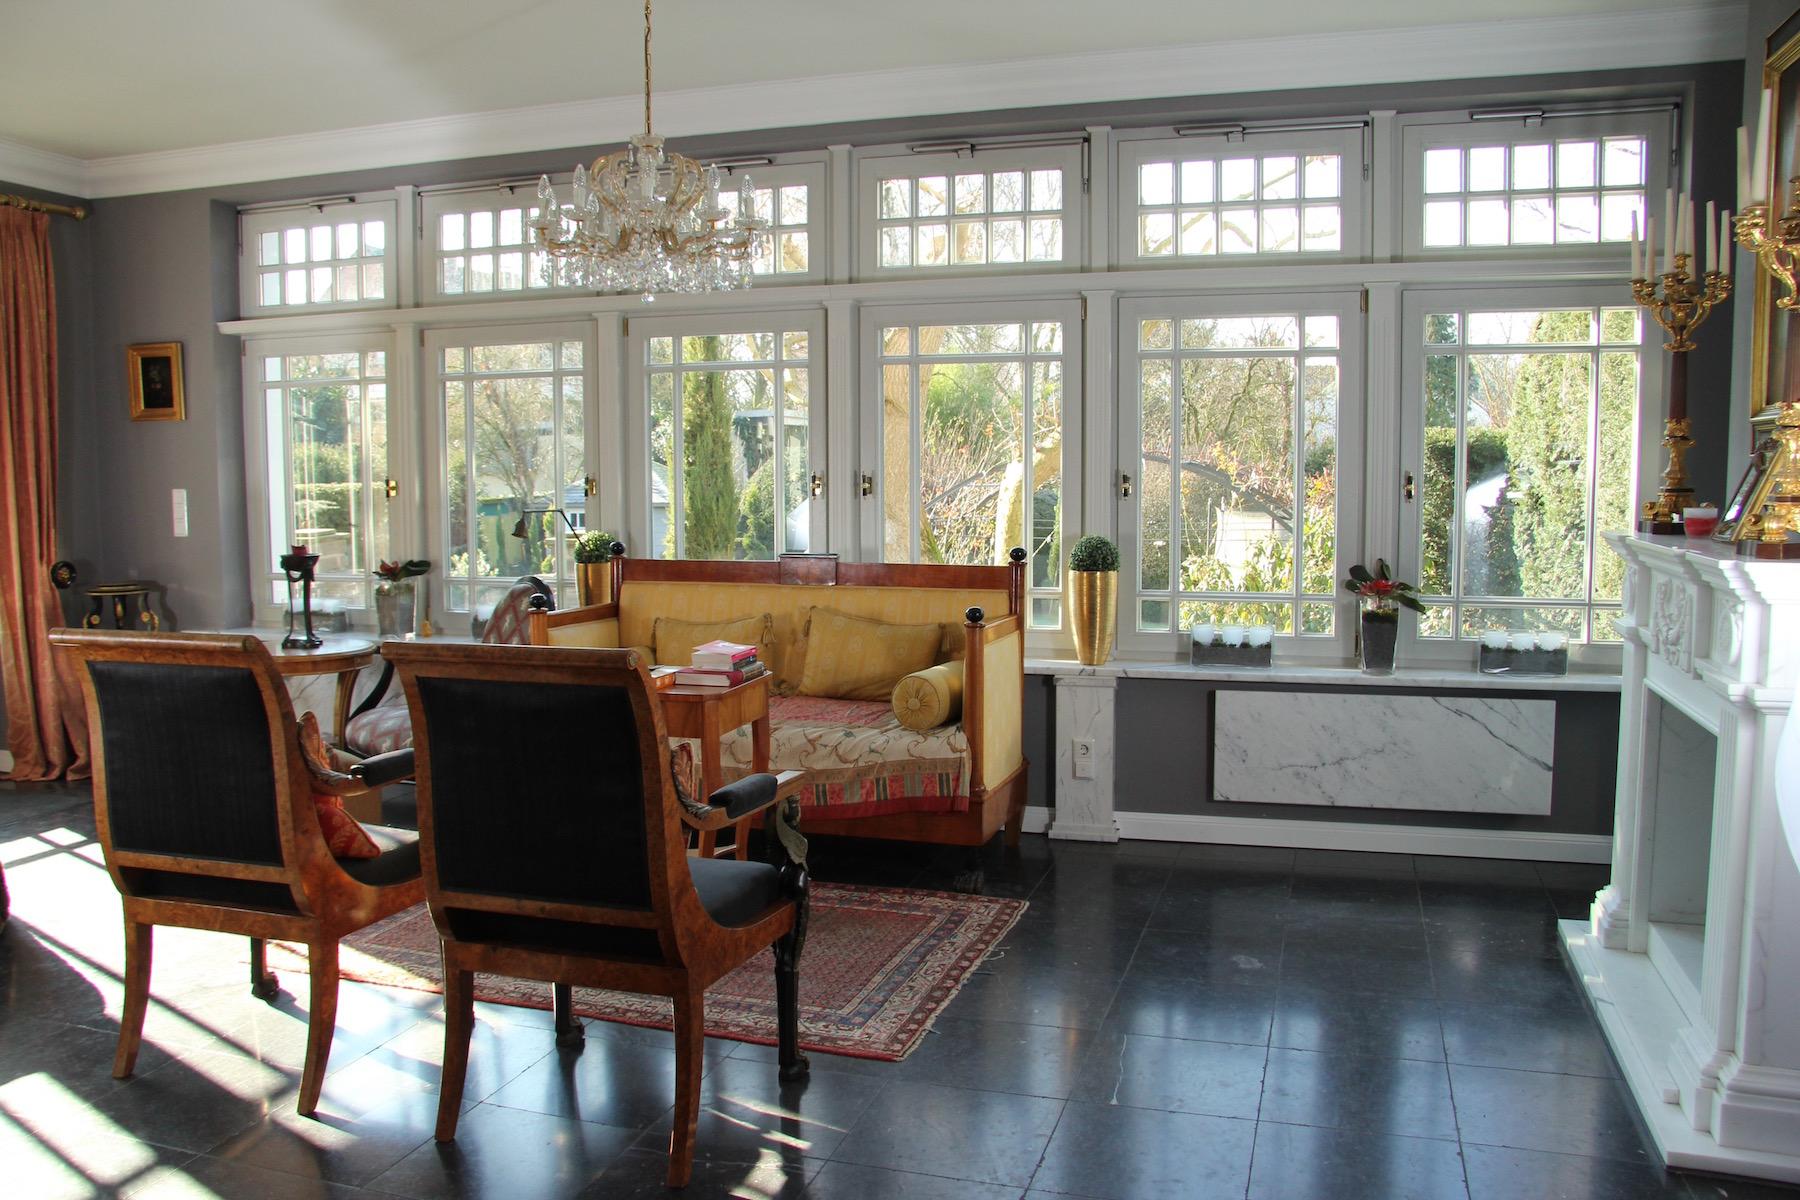 kamin d sseldorf kaminbauer in d sseldorf mera haustechnik unser kamin in einer alten fabrik. Black Bedroom Furniture Sets. Home Design Ideas